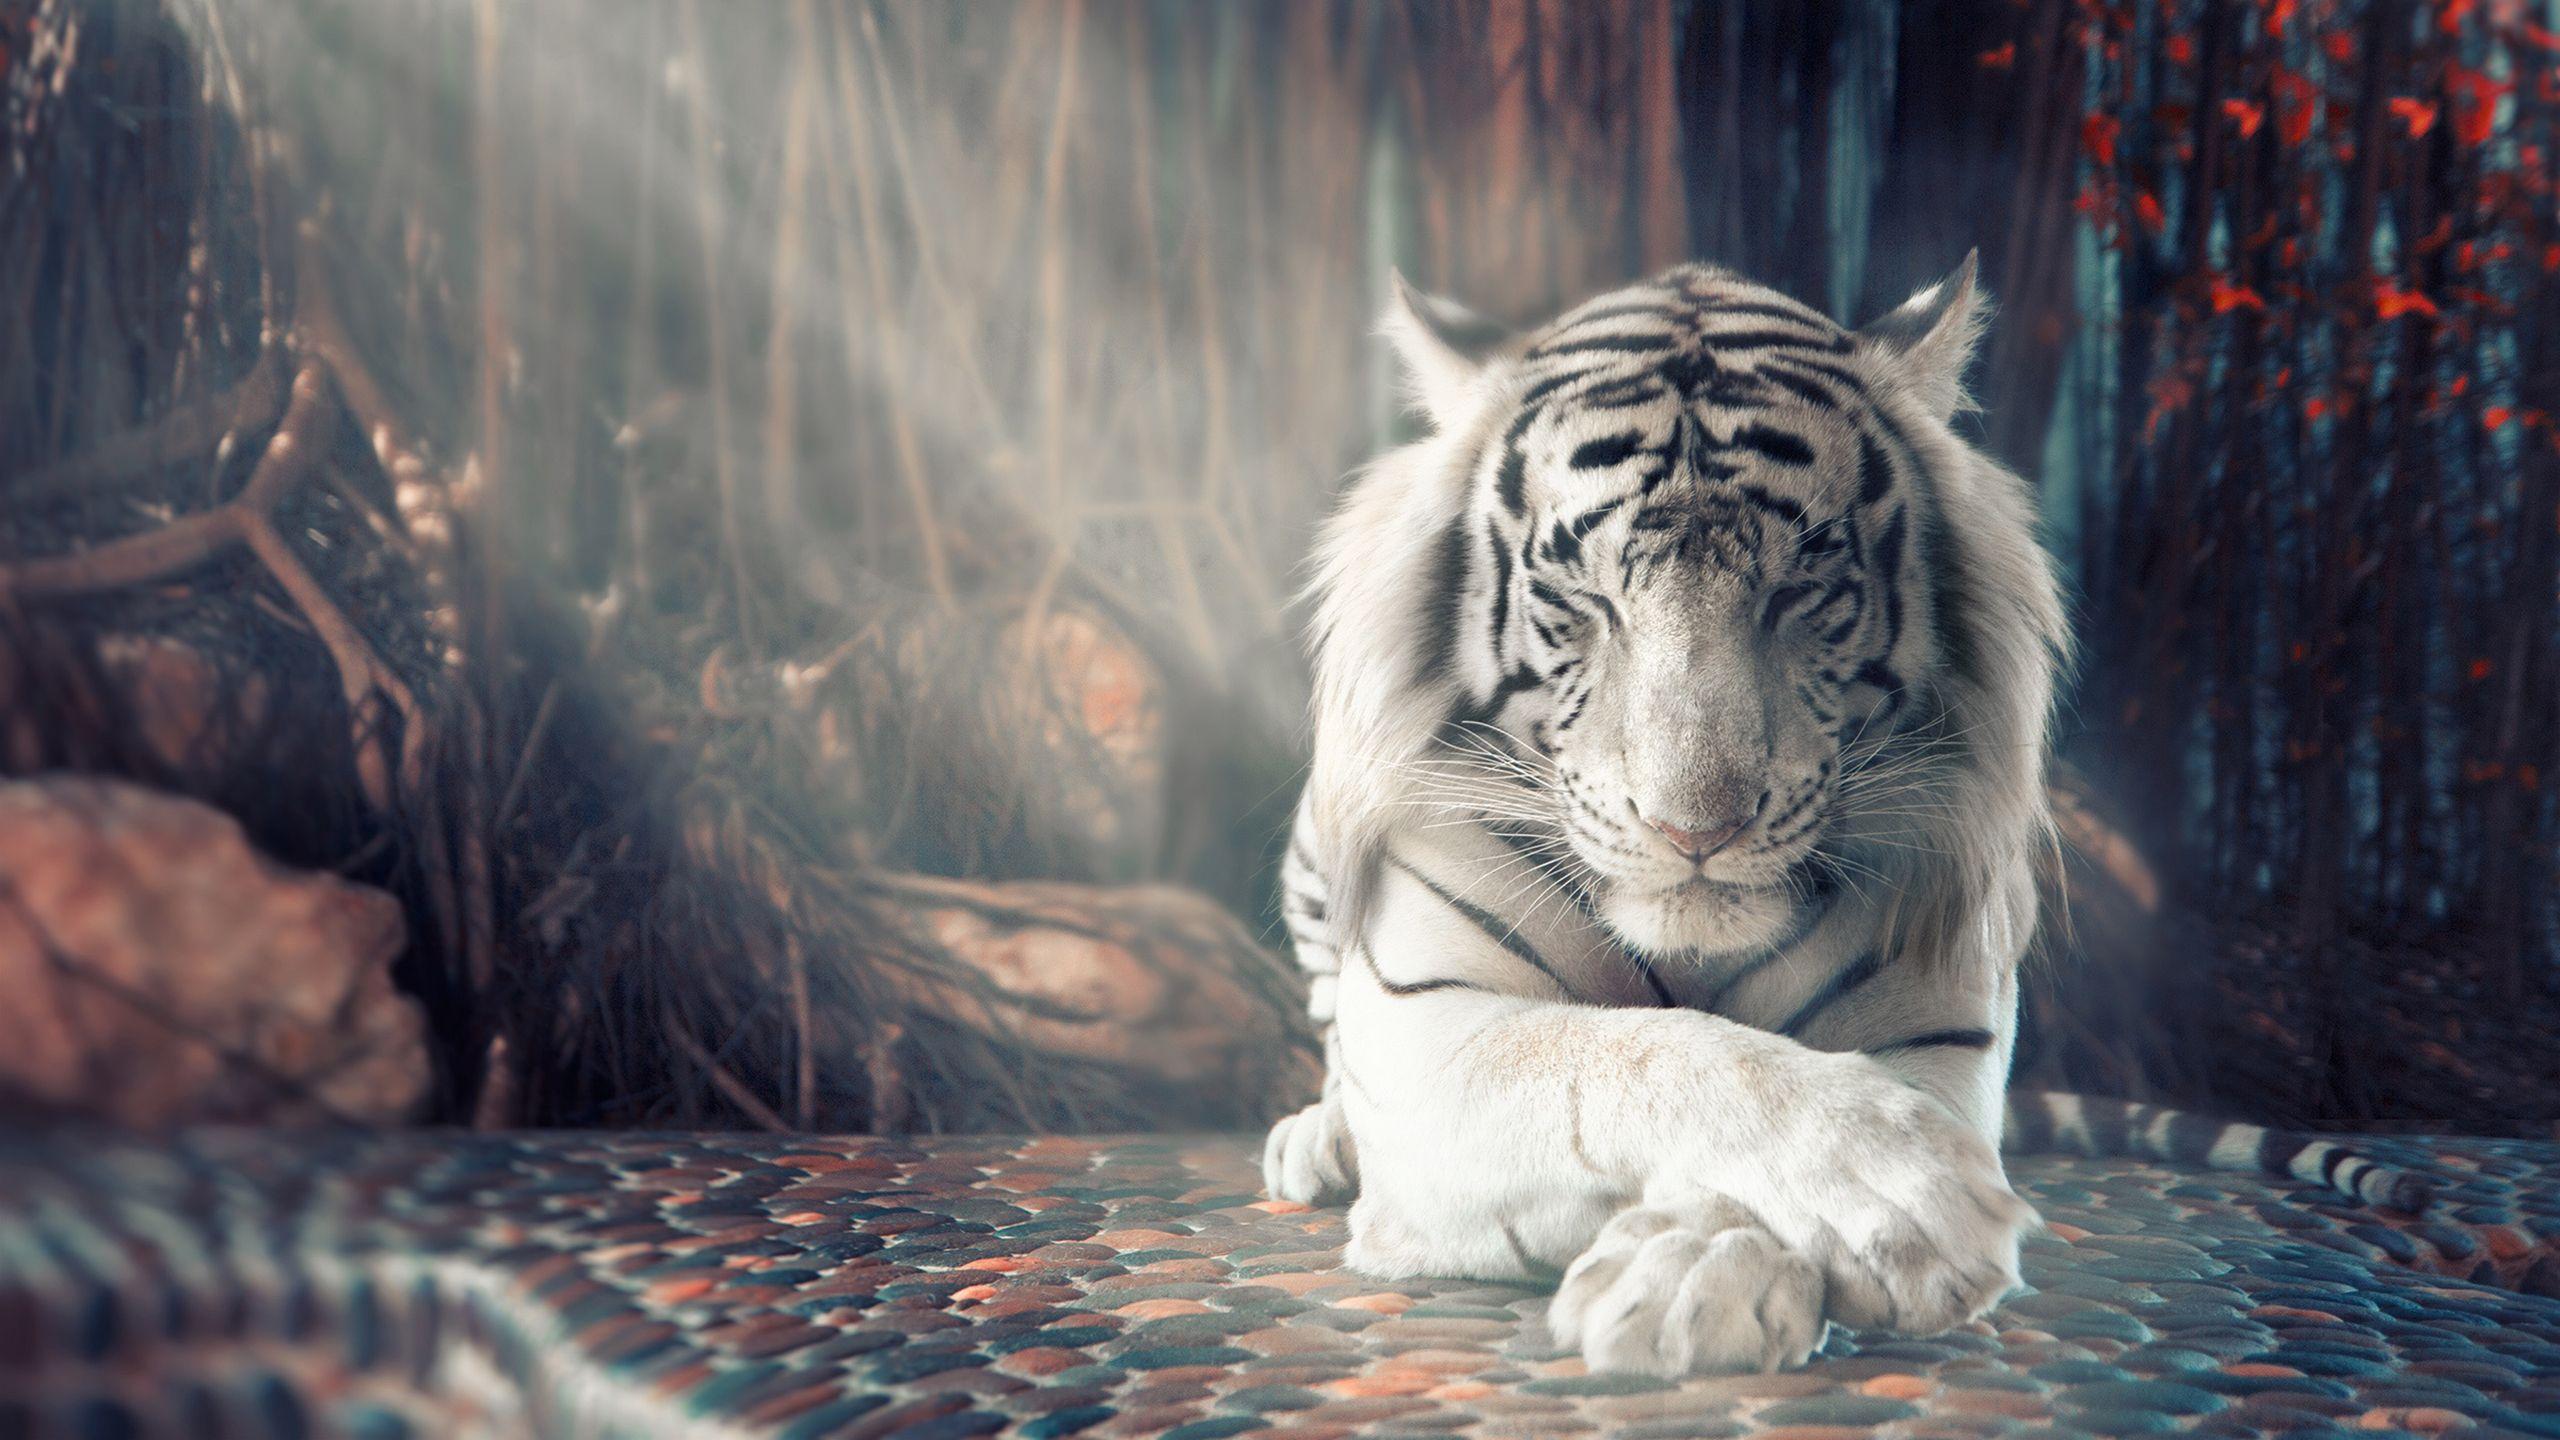 White Tiger Tiger Wallpaper White Tiger Pet Tiger